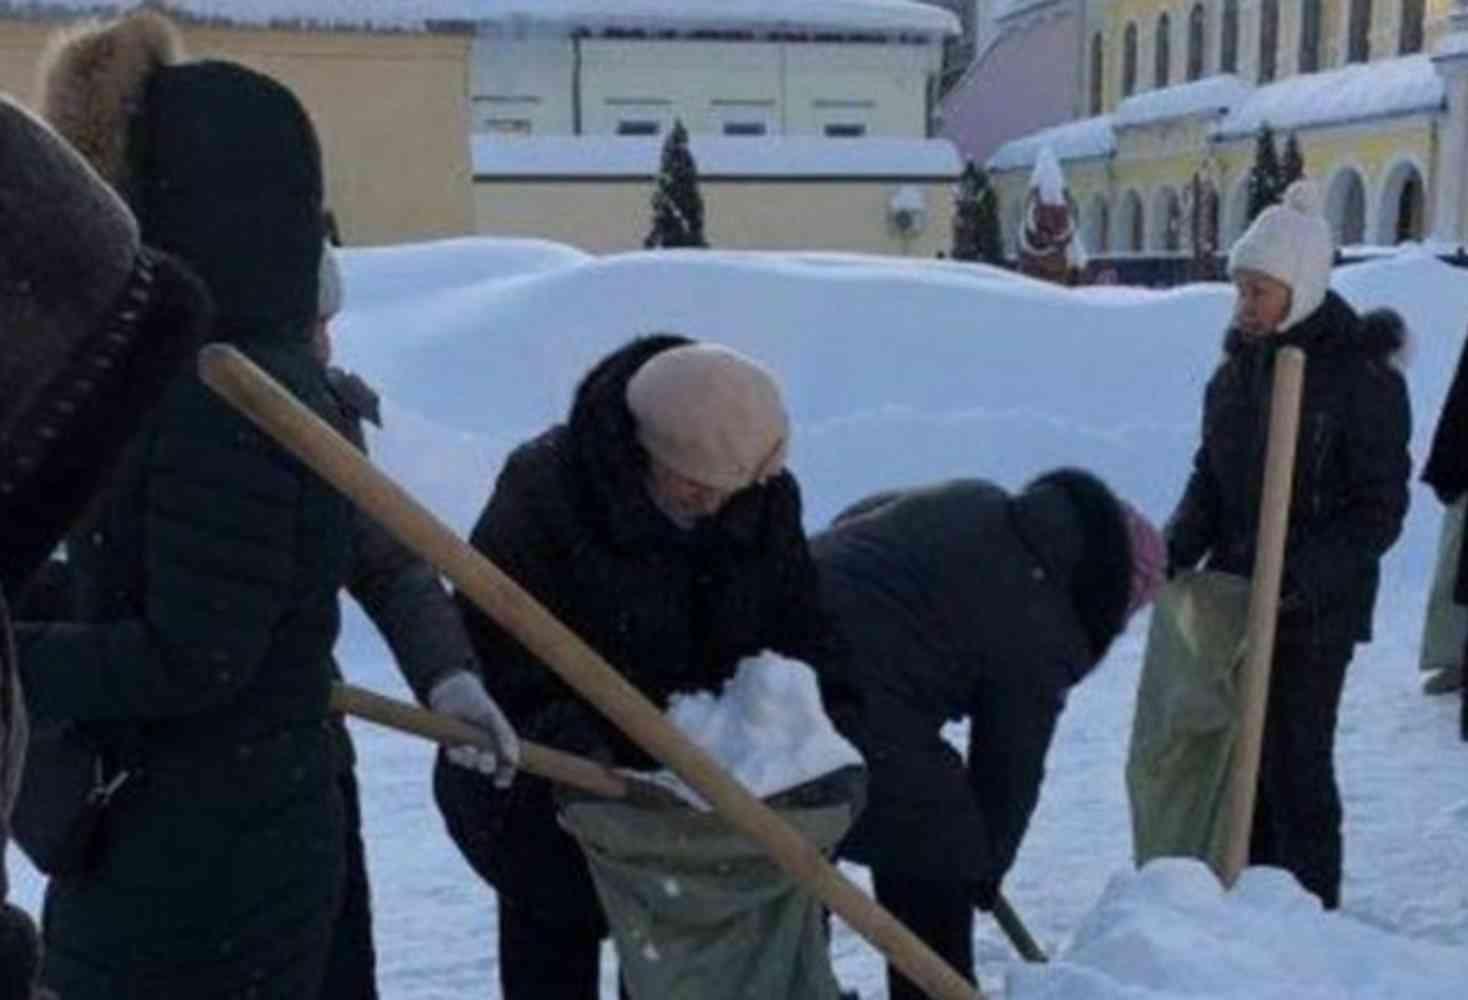 uchitelya-v-saratove-po-sobstvennomu-zhelaniyu-vyshli-na-uborku-snega-v-moroz